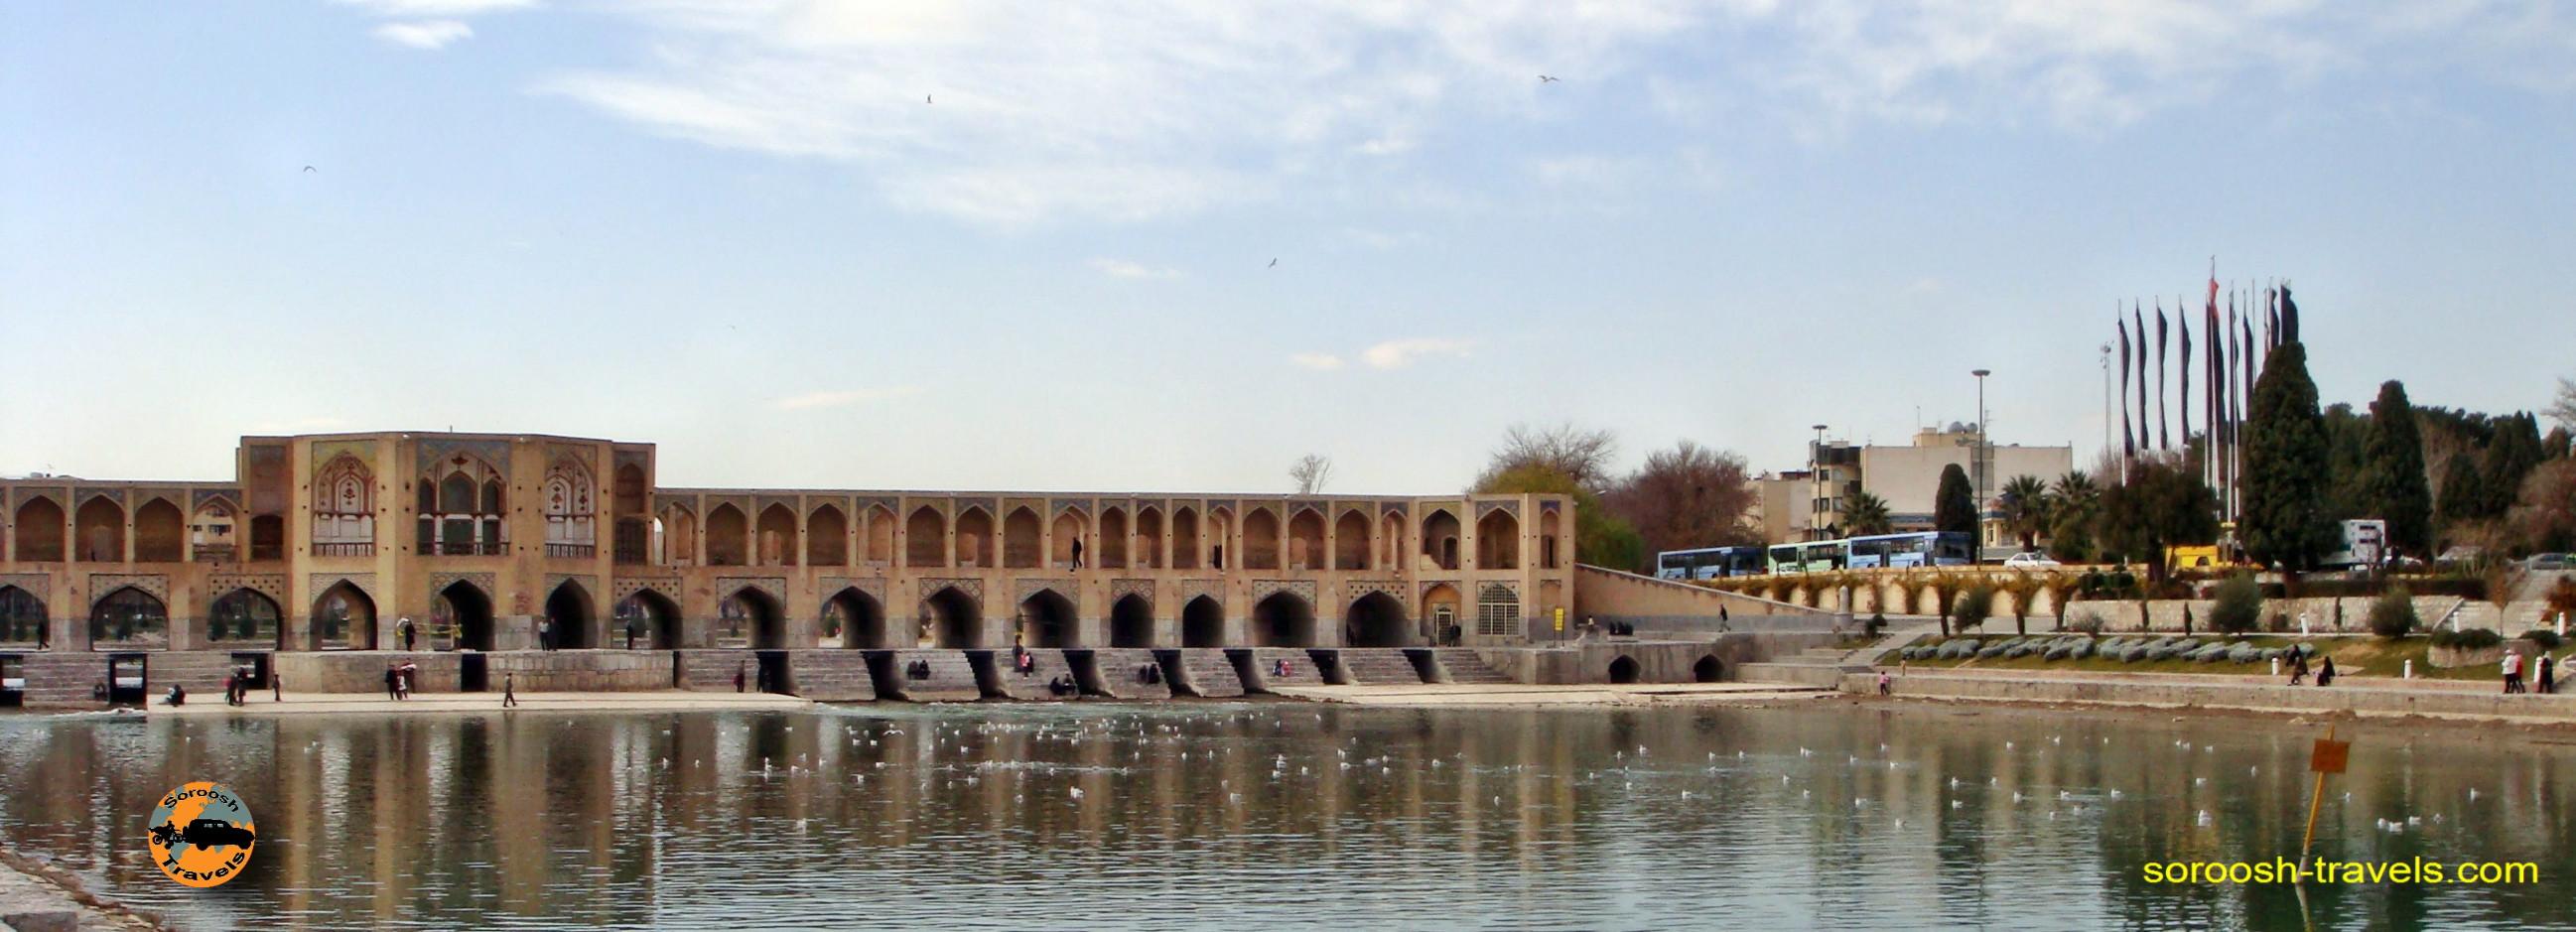 اصفهان – کوهرنگ – ارگ گوگد – مرنجاب و دریاچه نمک :زمستان 1388